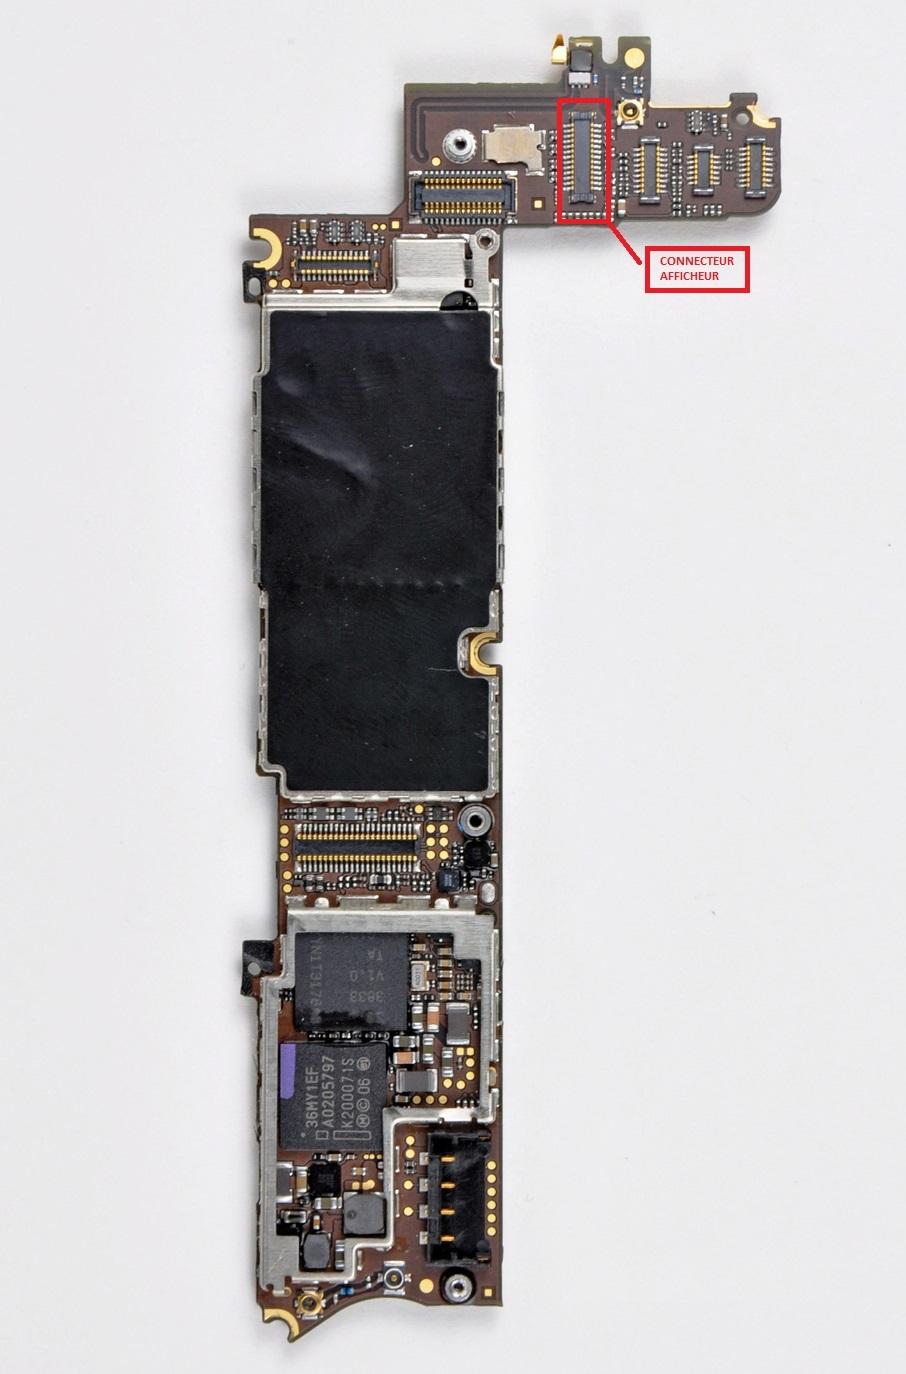 Iphone4connecteur afficheur 1